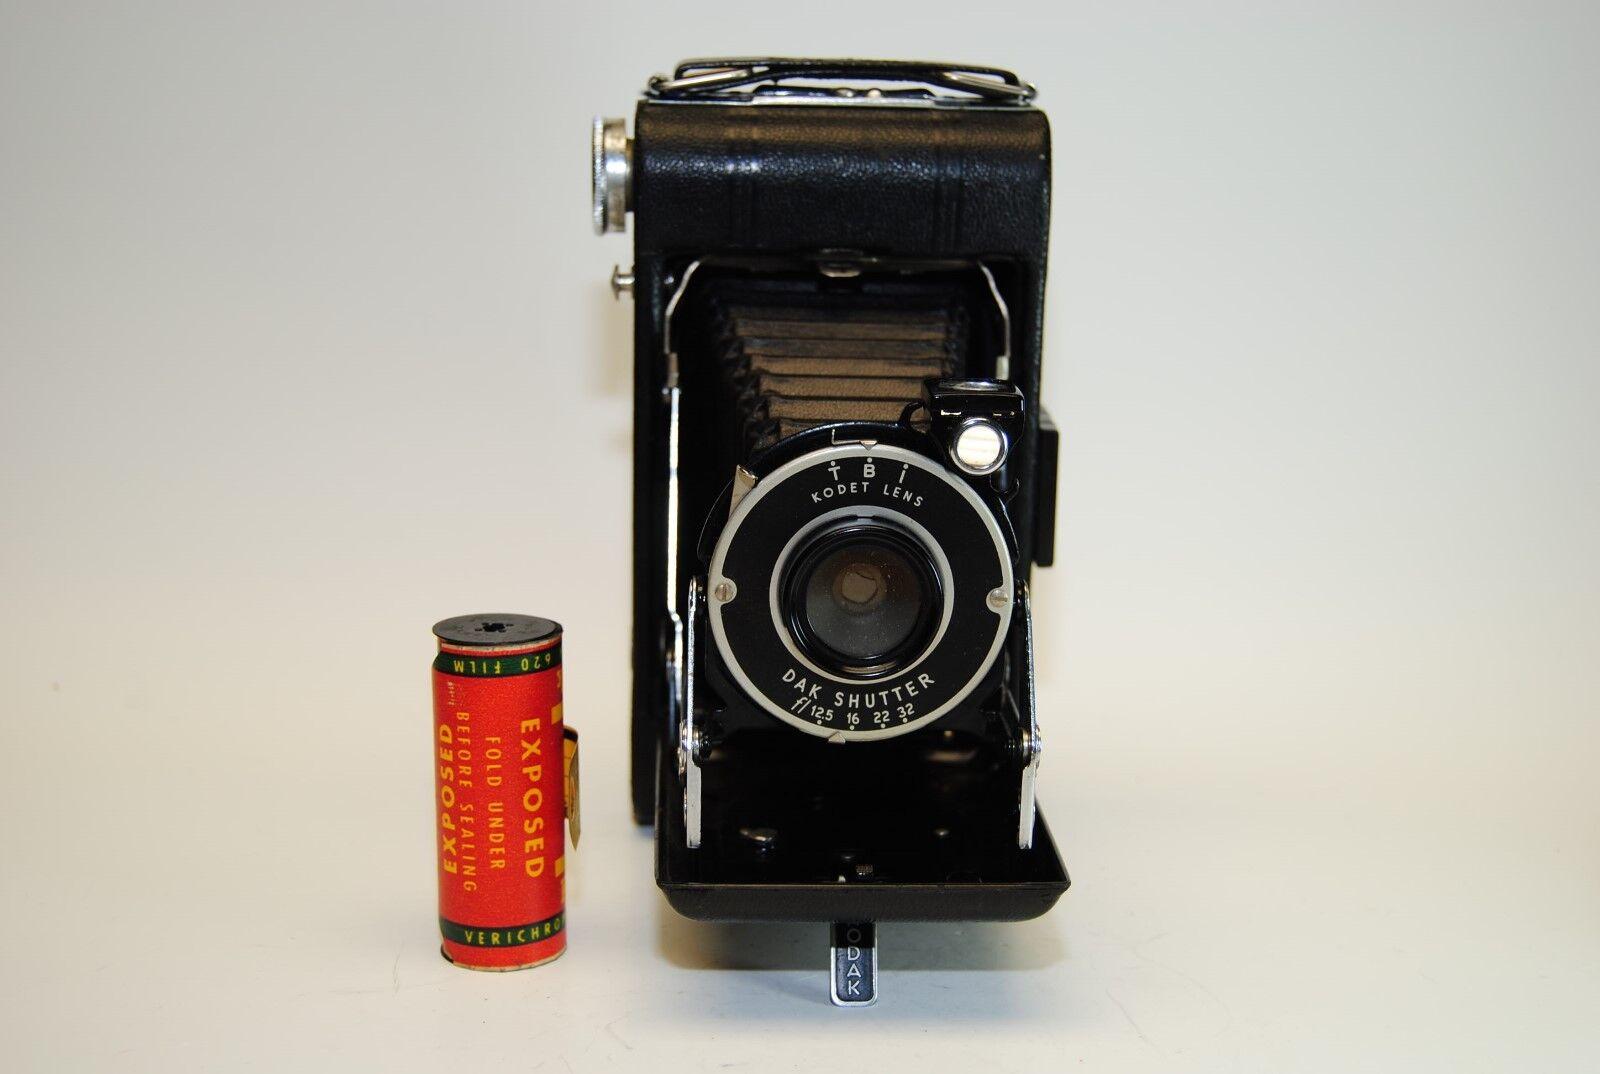 первые фотоаппараты с выдвижным объективом придешь, тебя